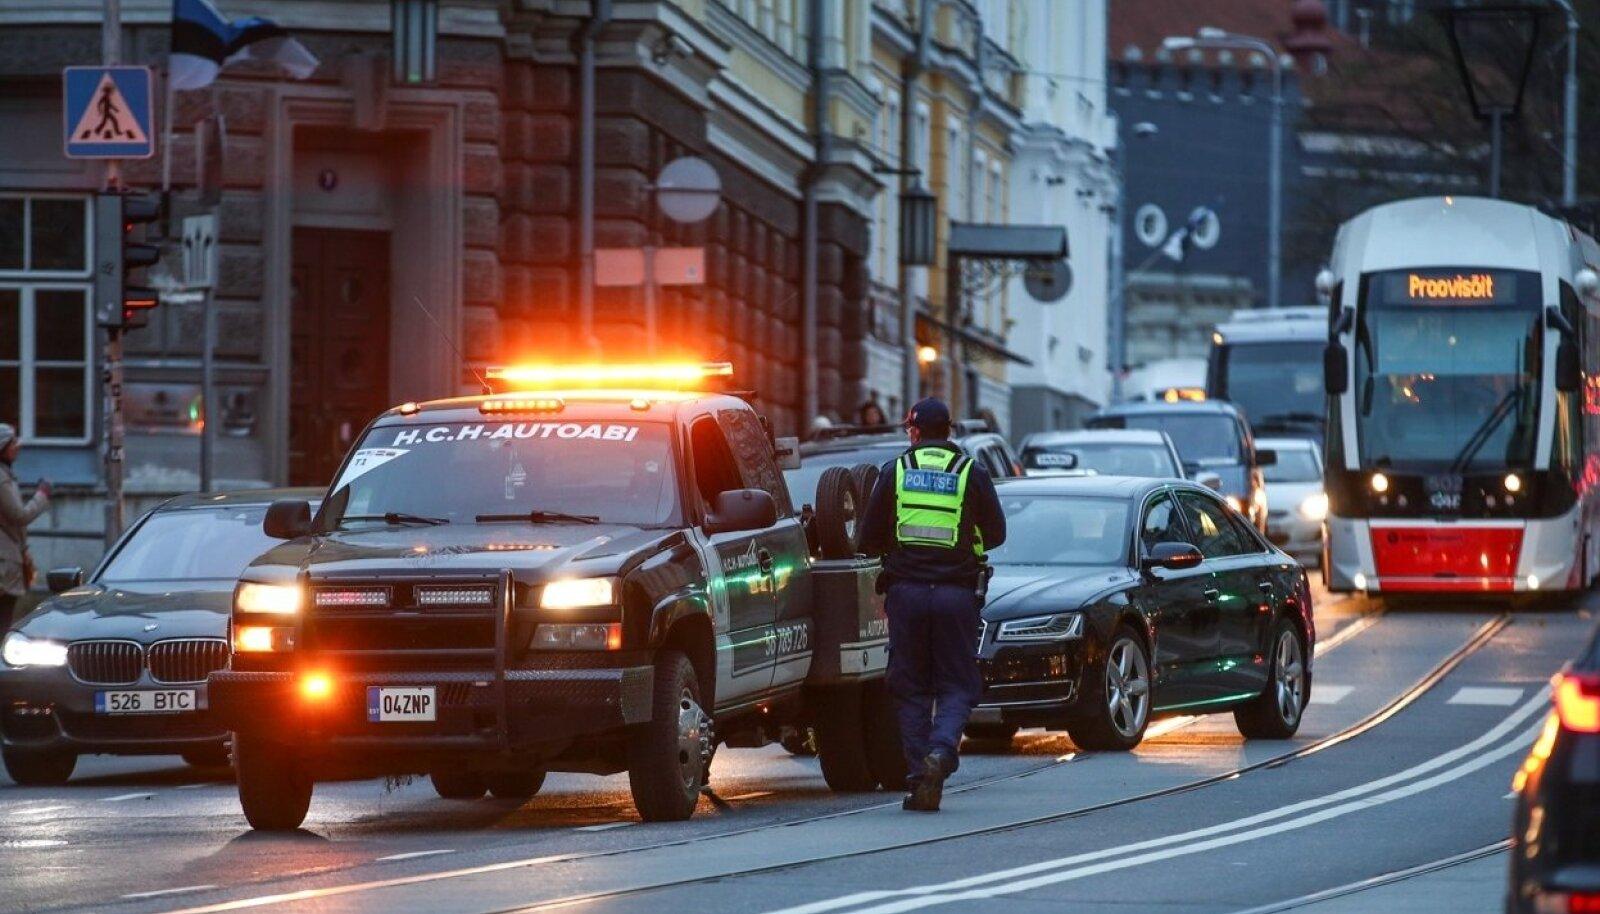 Liiklusõnnetus peaminister Jüri Ratase autoga, 25.10.2017